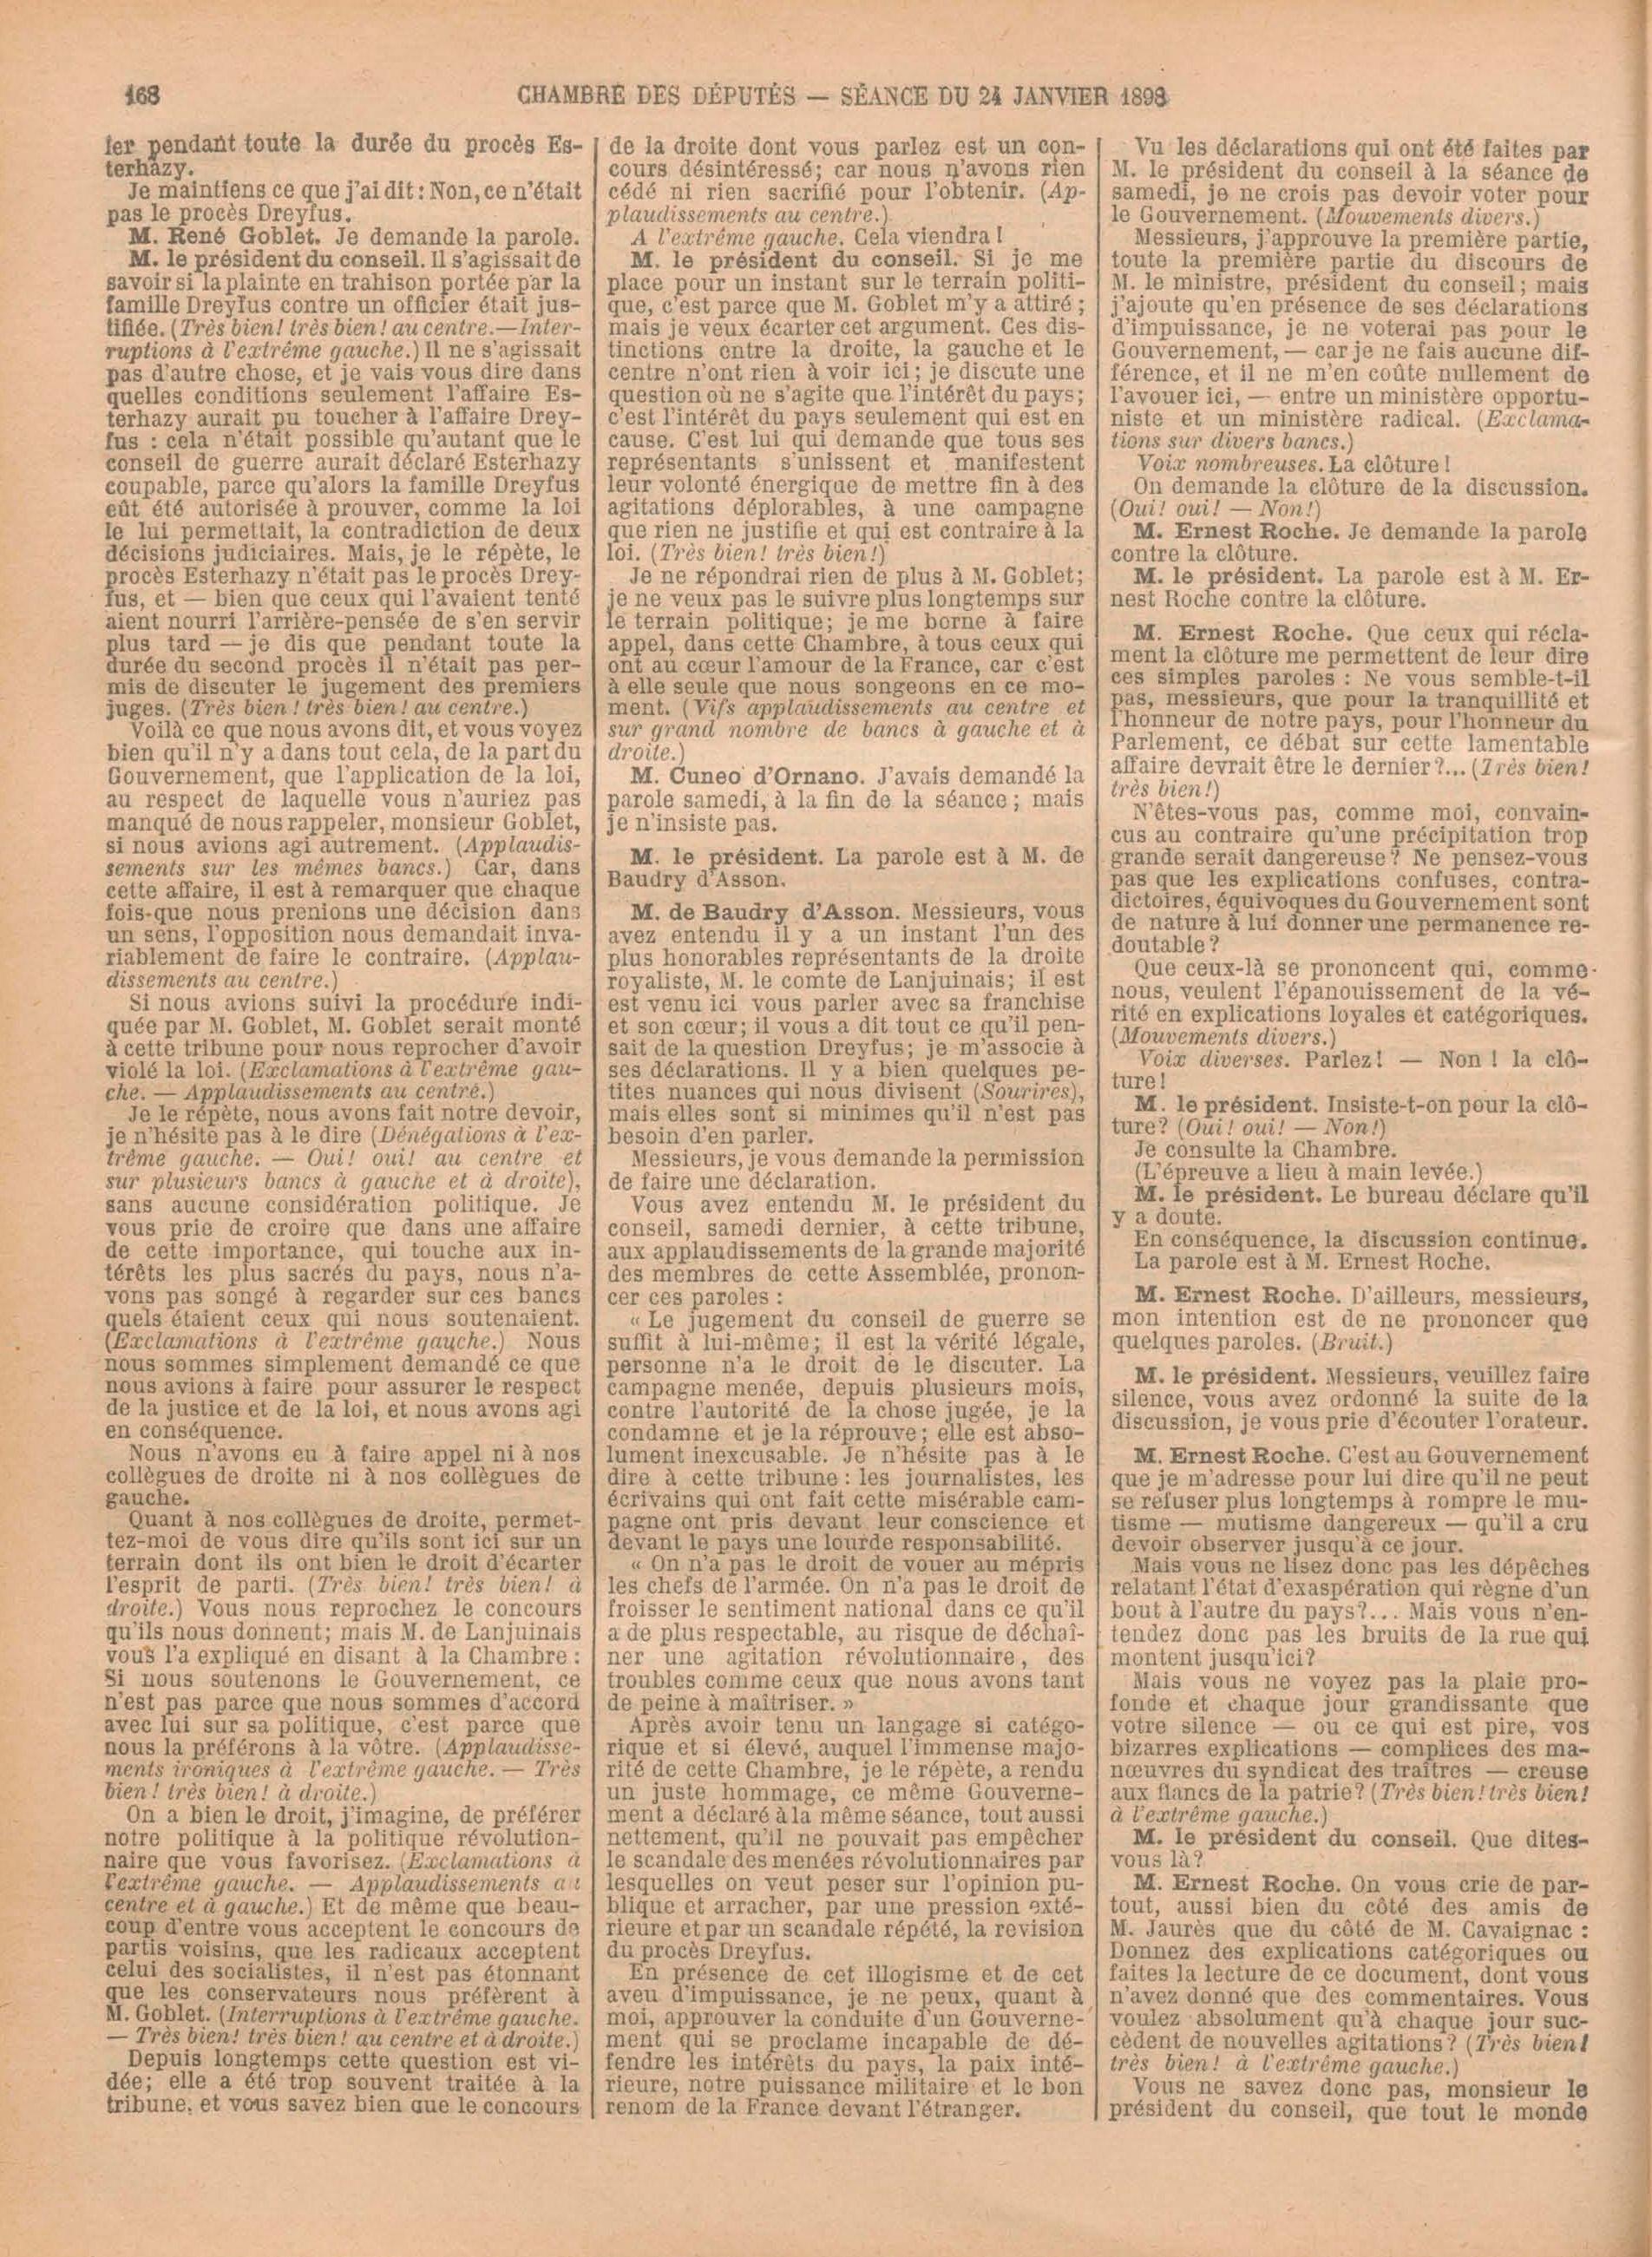 http://expo-paulviollet.univ-paris1.fr/wp-content/uploads/2017/09/Journal_officiel_de_la_République_séance-du-lundi-24-janvier-1898_Page_08.jpg